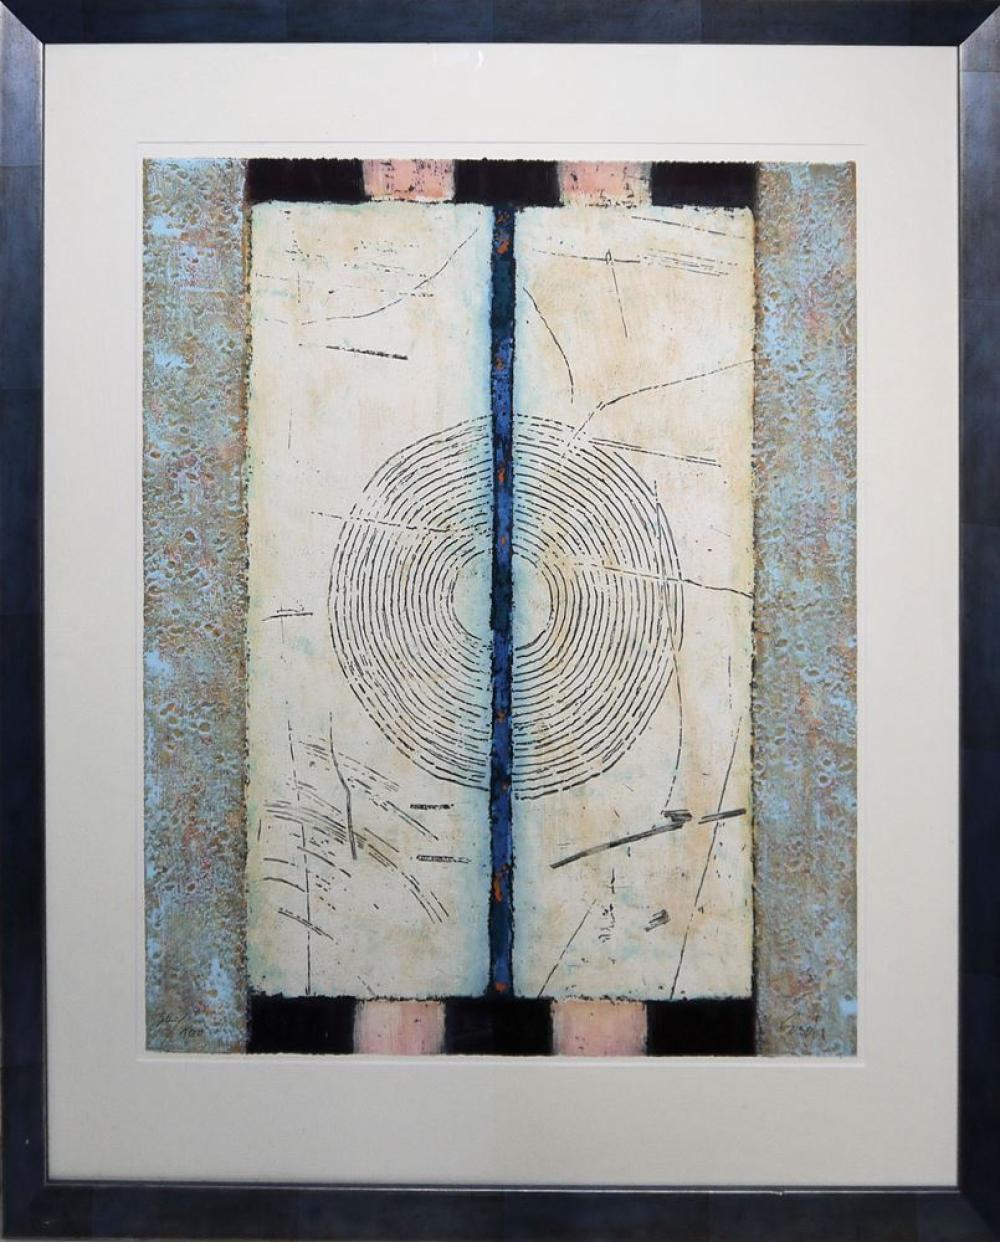 """Eckart Schädrich, Abstrakte Kompositionen aus der Reihe """"Symit"""", 2 signierte Carborundum von 2000, gerahmt"""